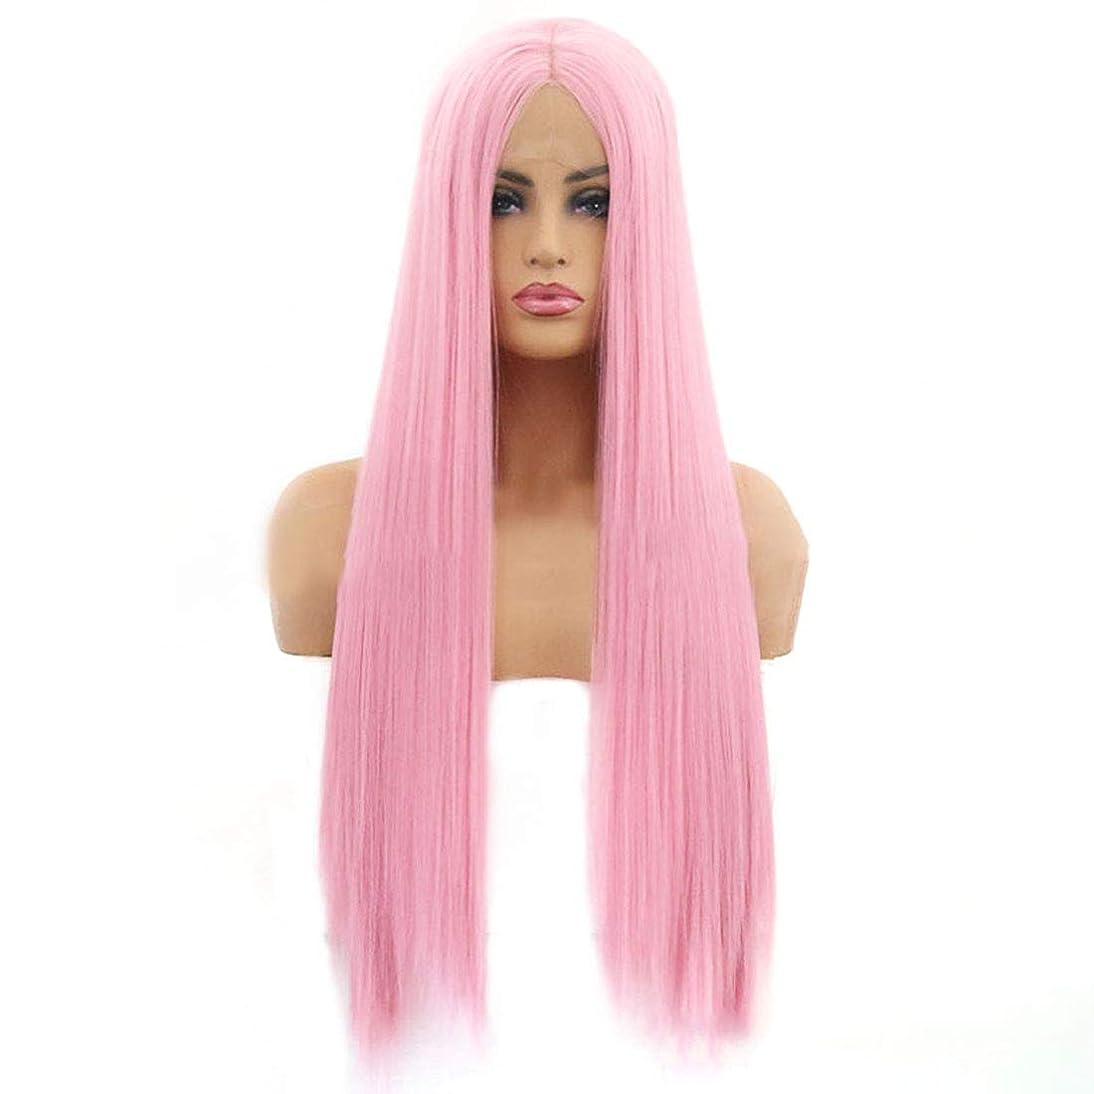 違う聴衆雑草Yrattary ヨーロッパとアメリカのかつら女性ピンクロングストレートヘアウィッグフロントレースケミカルファイバーウィッグ複合ヘアレースウィッグロールプレイングかつら (色 : ピンク, サイズ : 16 inches)